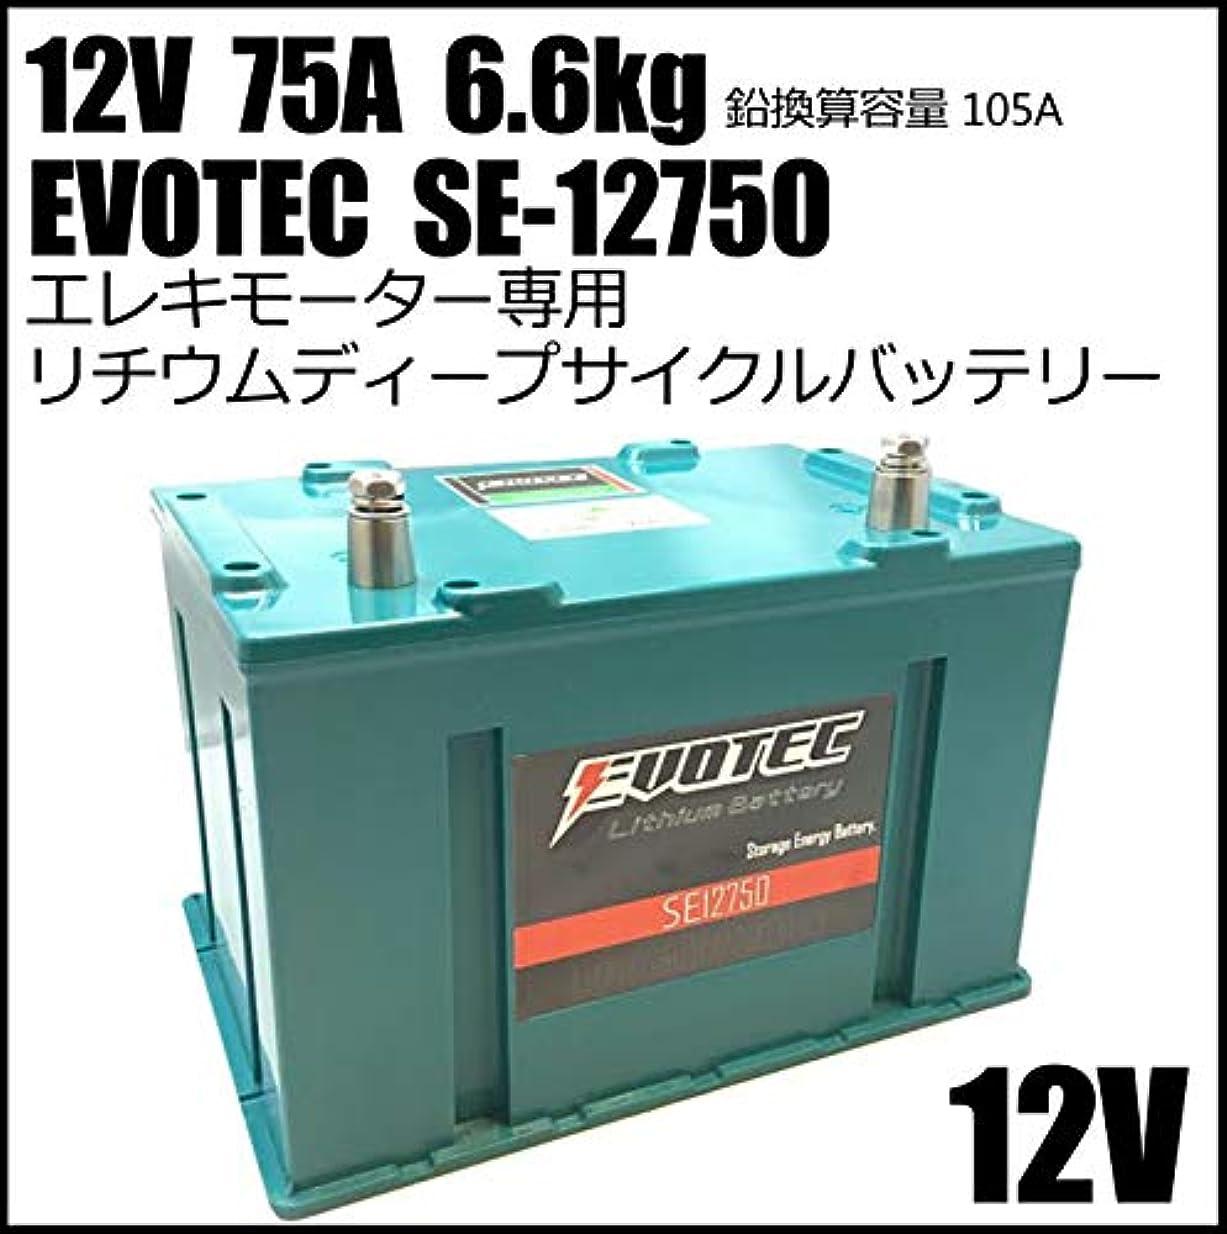 スポーツの試合を担当している人コテージスロベニア12V 75A リチウムディープサイクルバッテリー SE-12750 EVOTEC/エヴォテック.